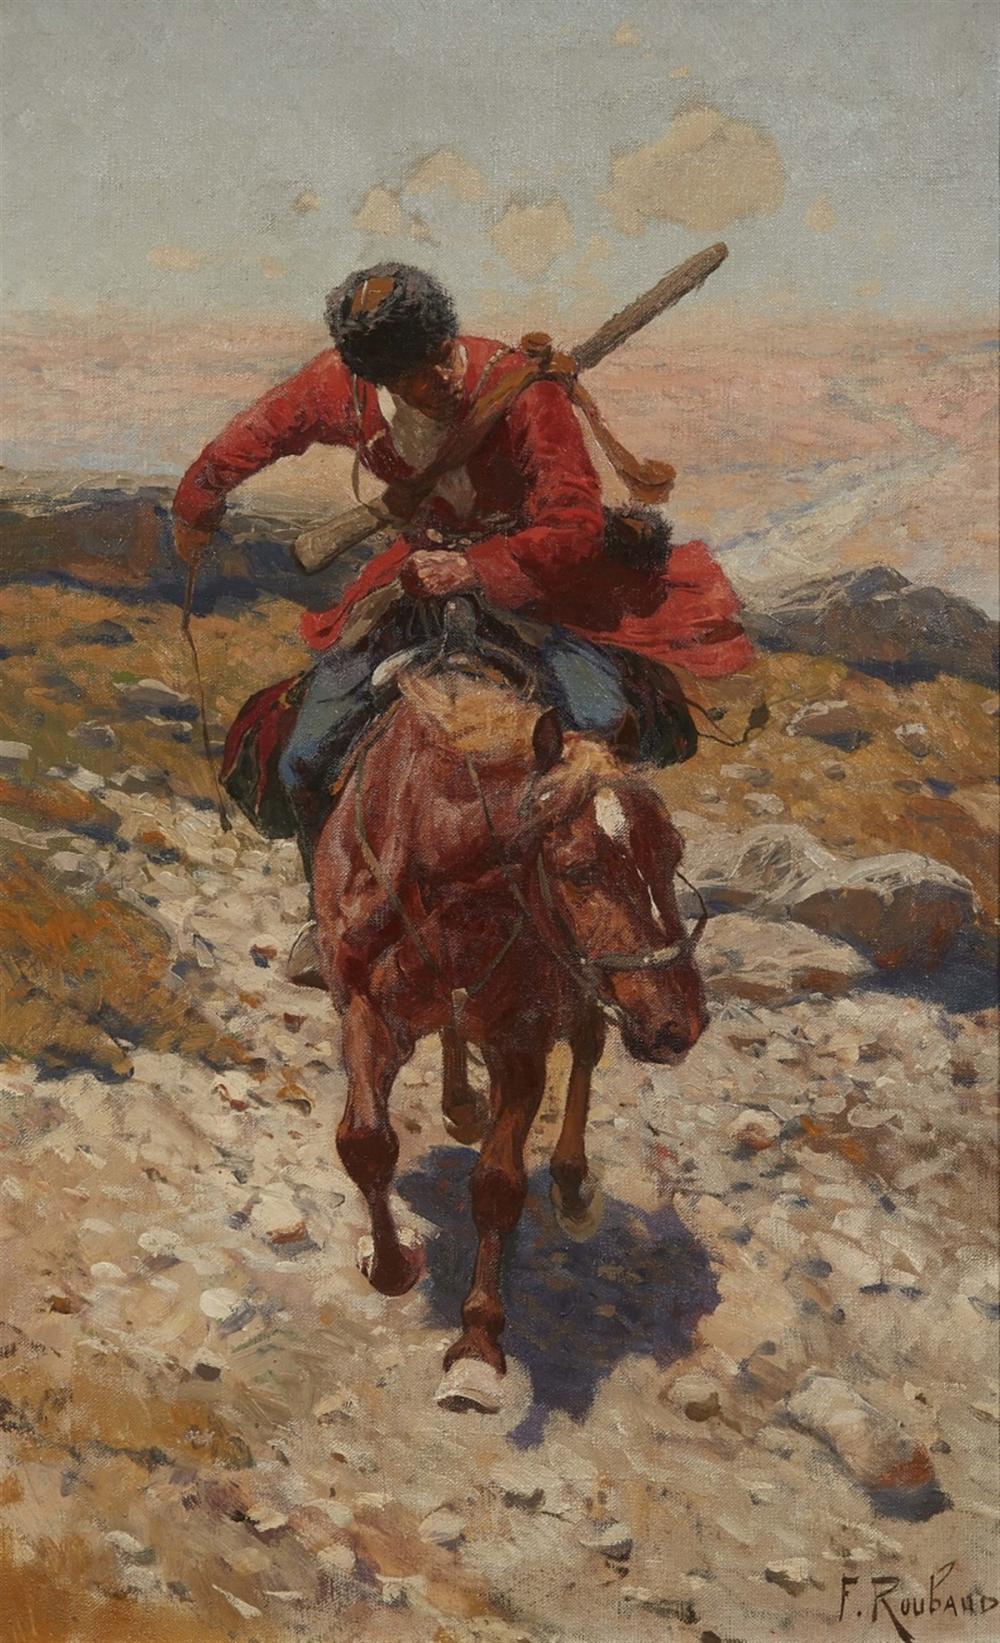 Franz Aleksejewitsch Roubaud (1856 Odessa - 1928 München), Tscherkessischer Reiter, Öl/Lwd., signiert | Foto: Lempertz